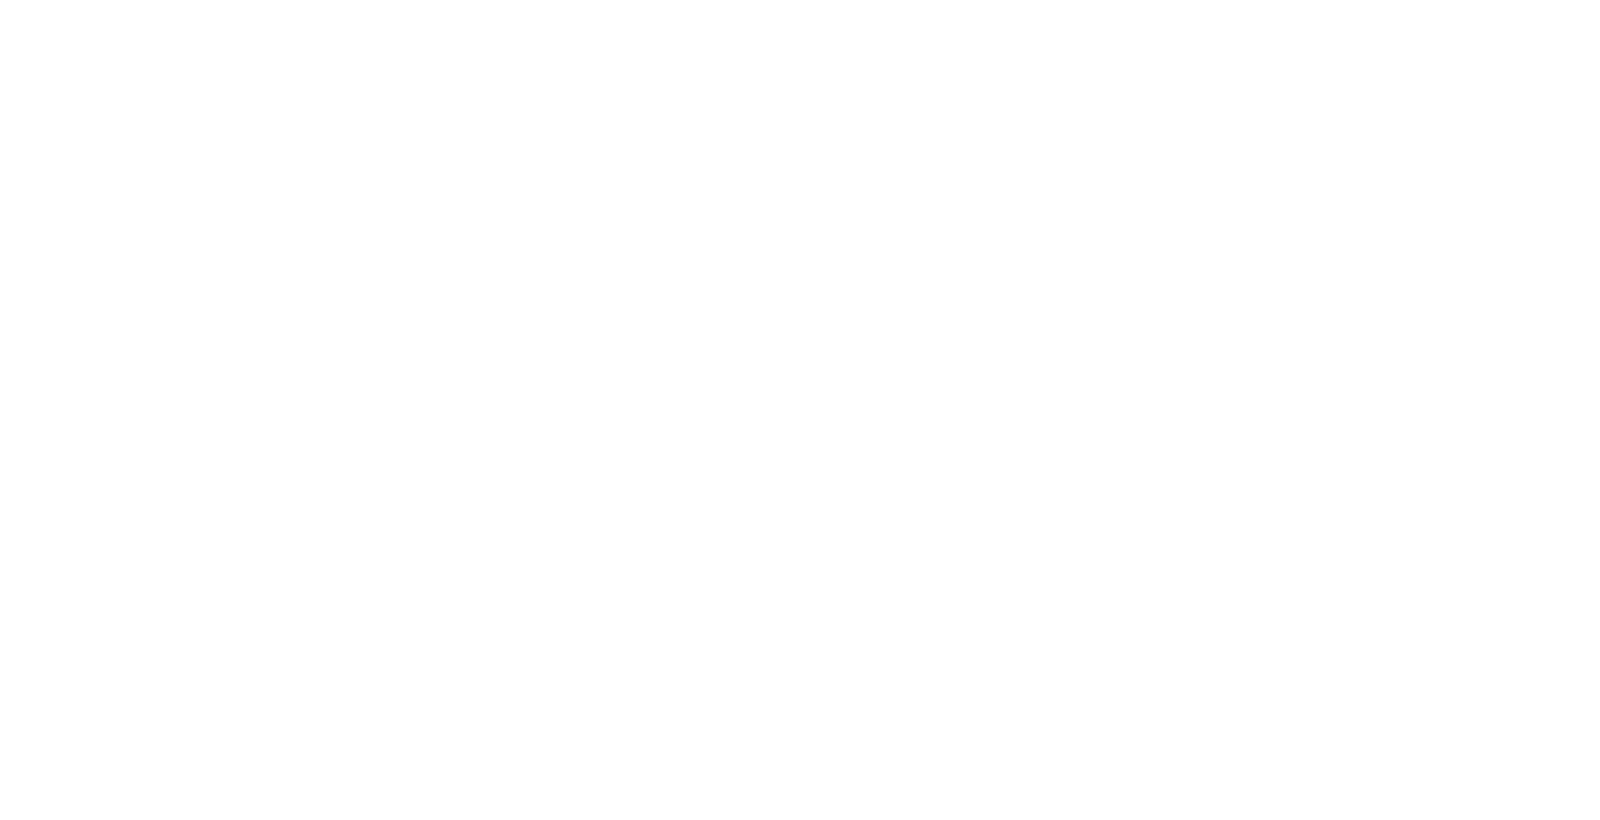 HUAWEI-Y7-prime-2019-design